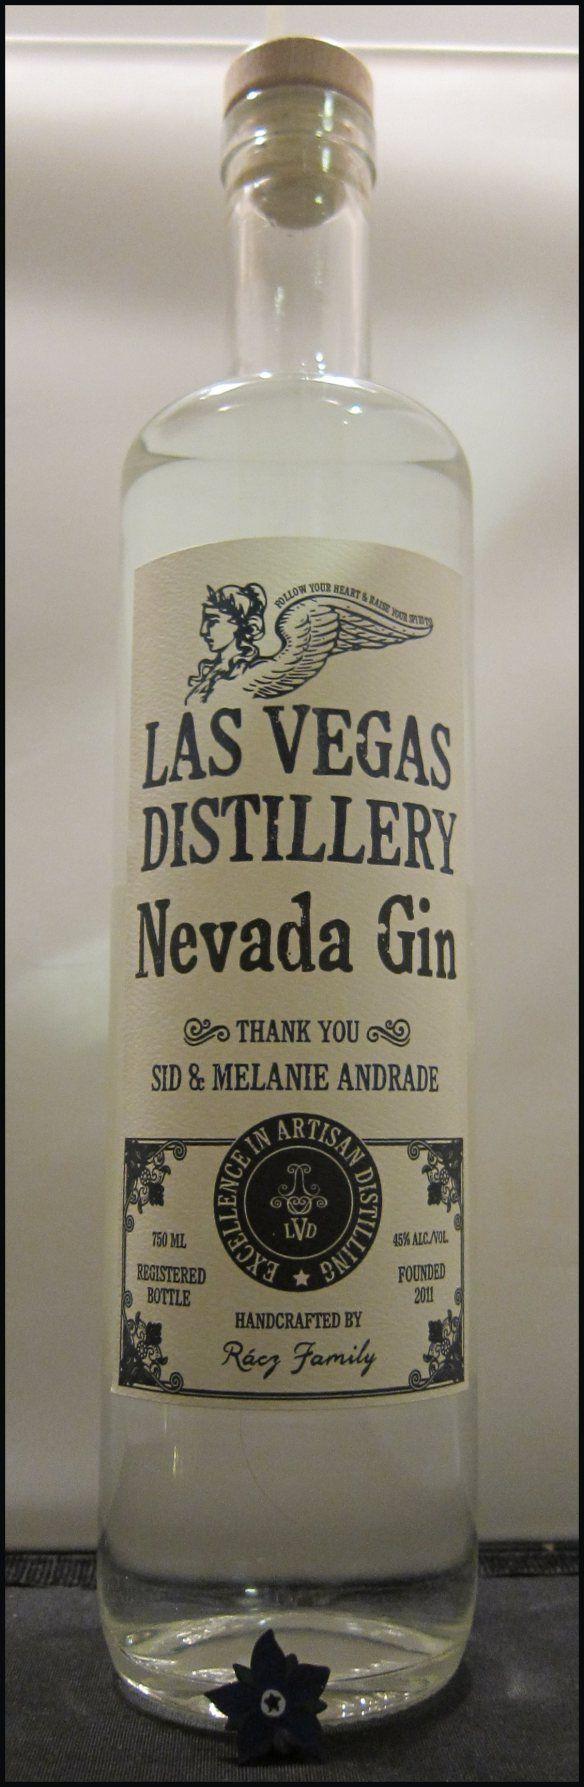 A bottle of gin distilled in Las Vegas